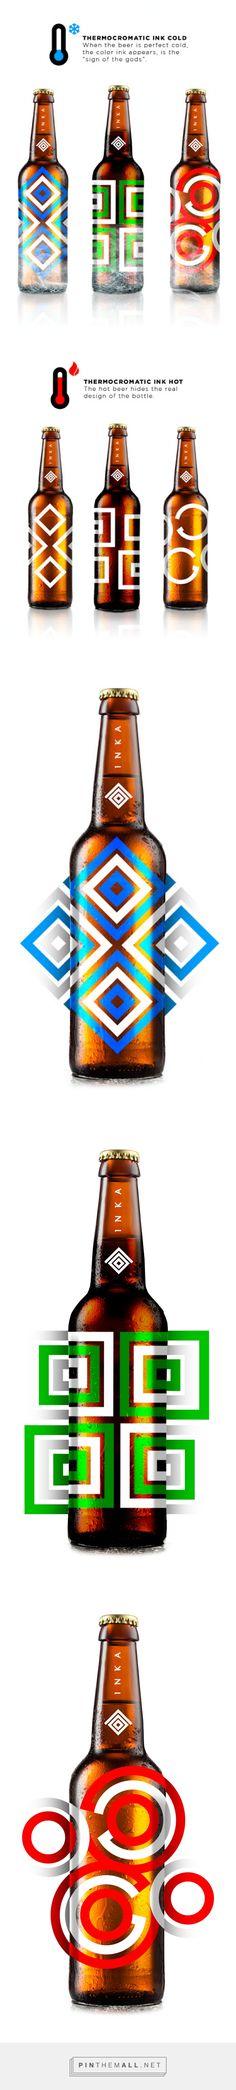 Inka Premium Beer (Concept) by JP Branding